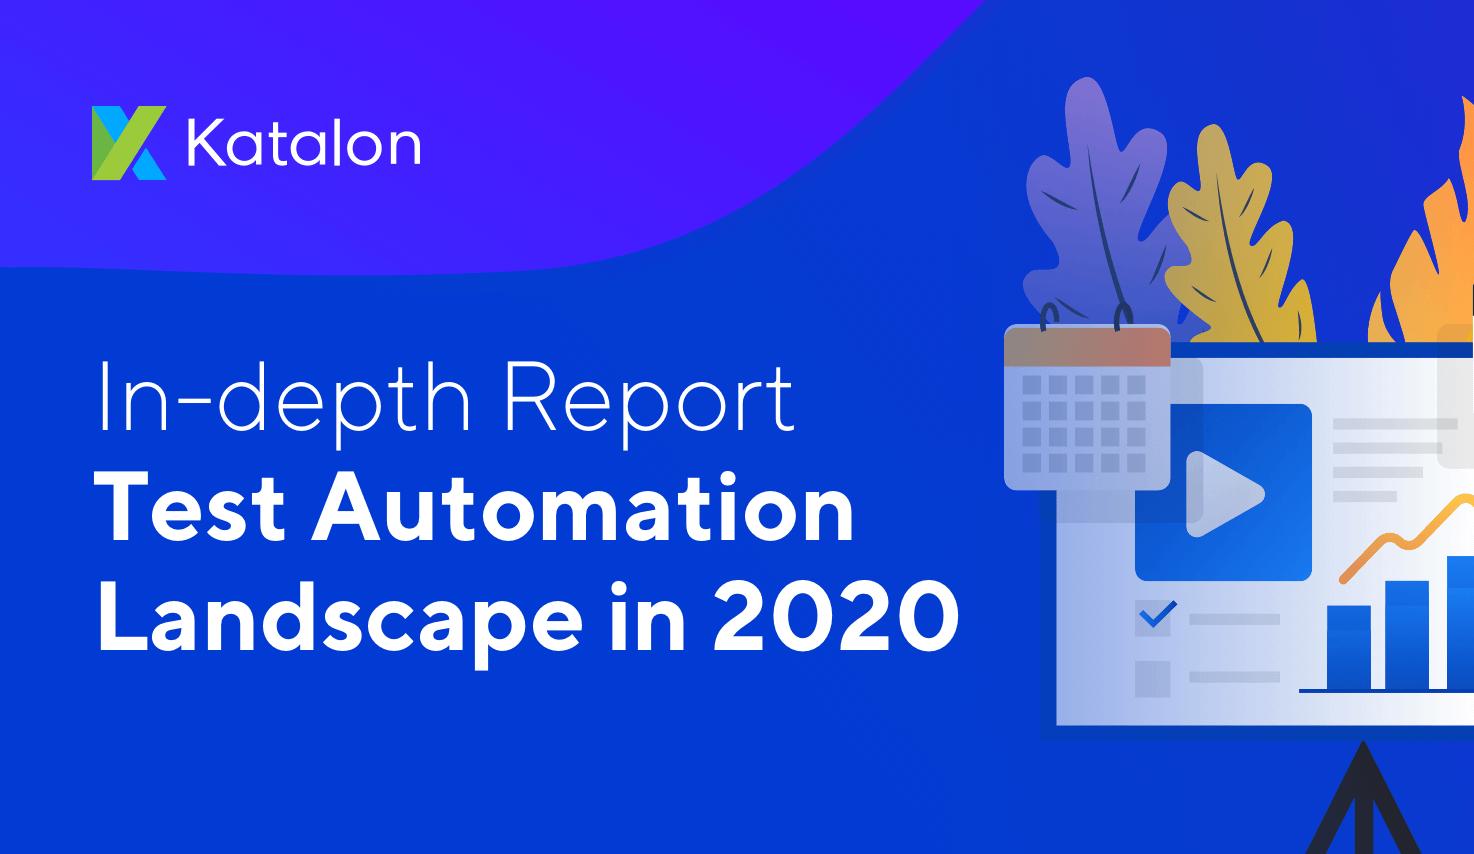 Katalon Test Automation Landscape 2020 Report